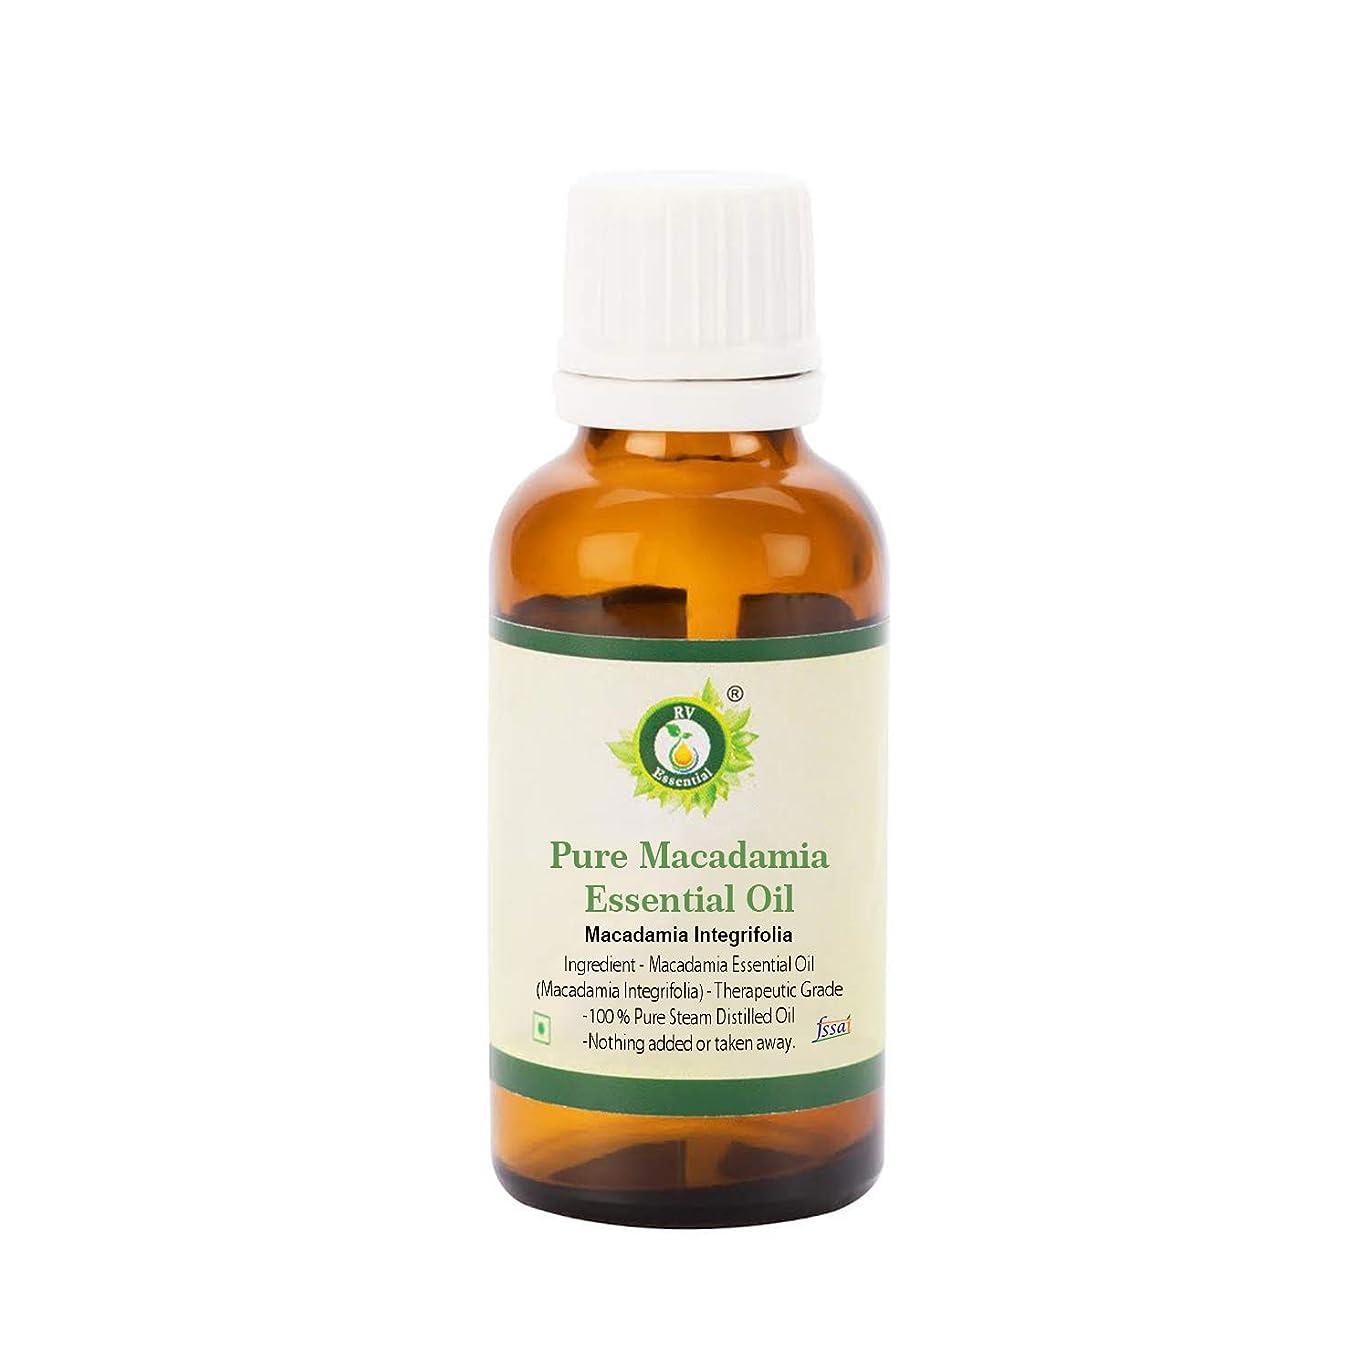 地図強要異常R V Essential ピュアマカデミアエッセンシャルオイル100ml (3.38oz)- Macadamia Integrifolia (100%純粋&天然スチームDistilled) Pure Macadamia Essential Oil